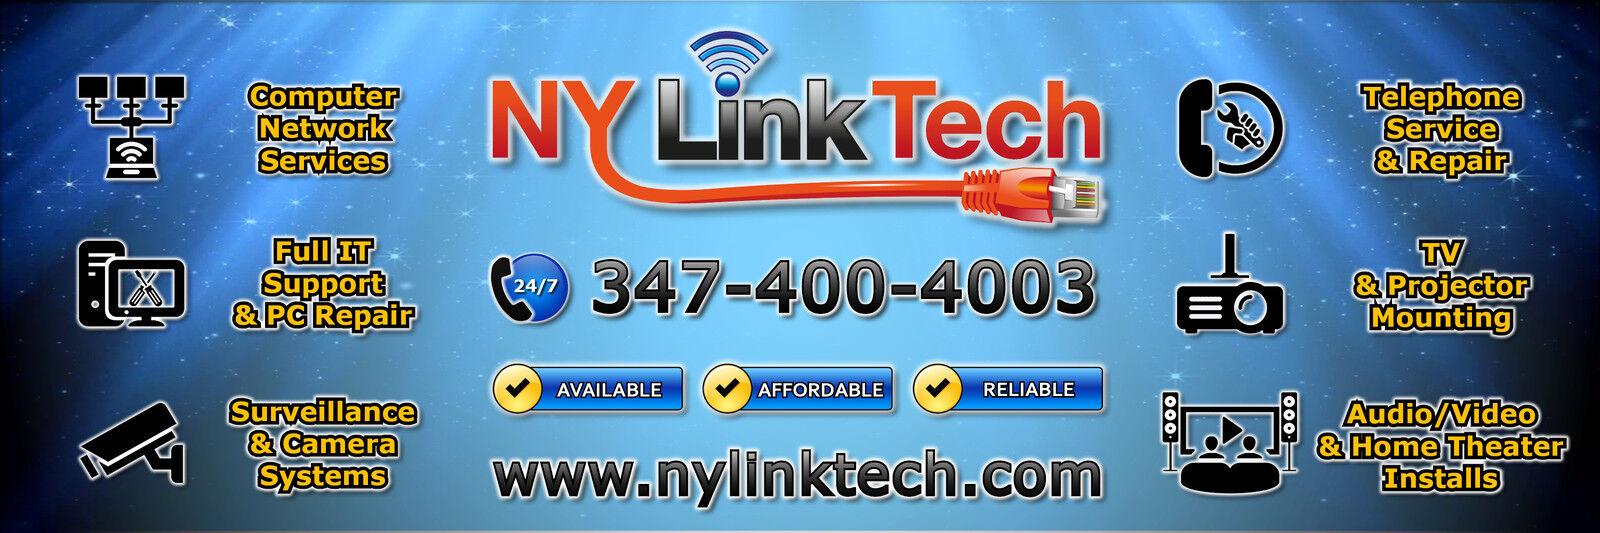 NY Link Tech